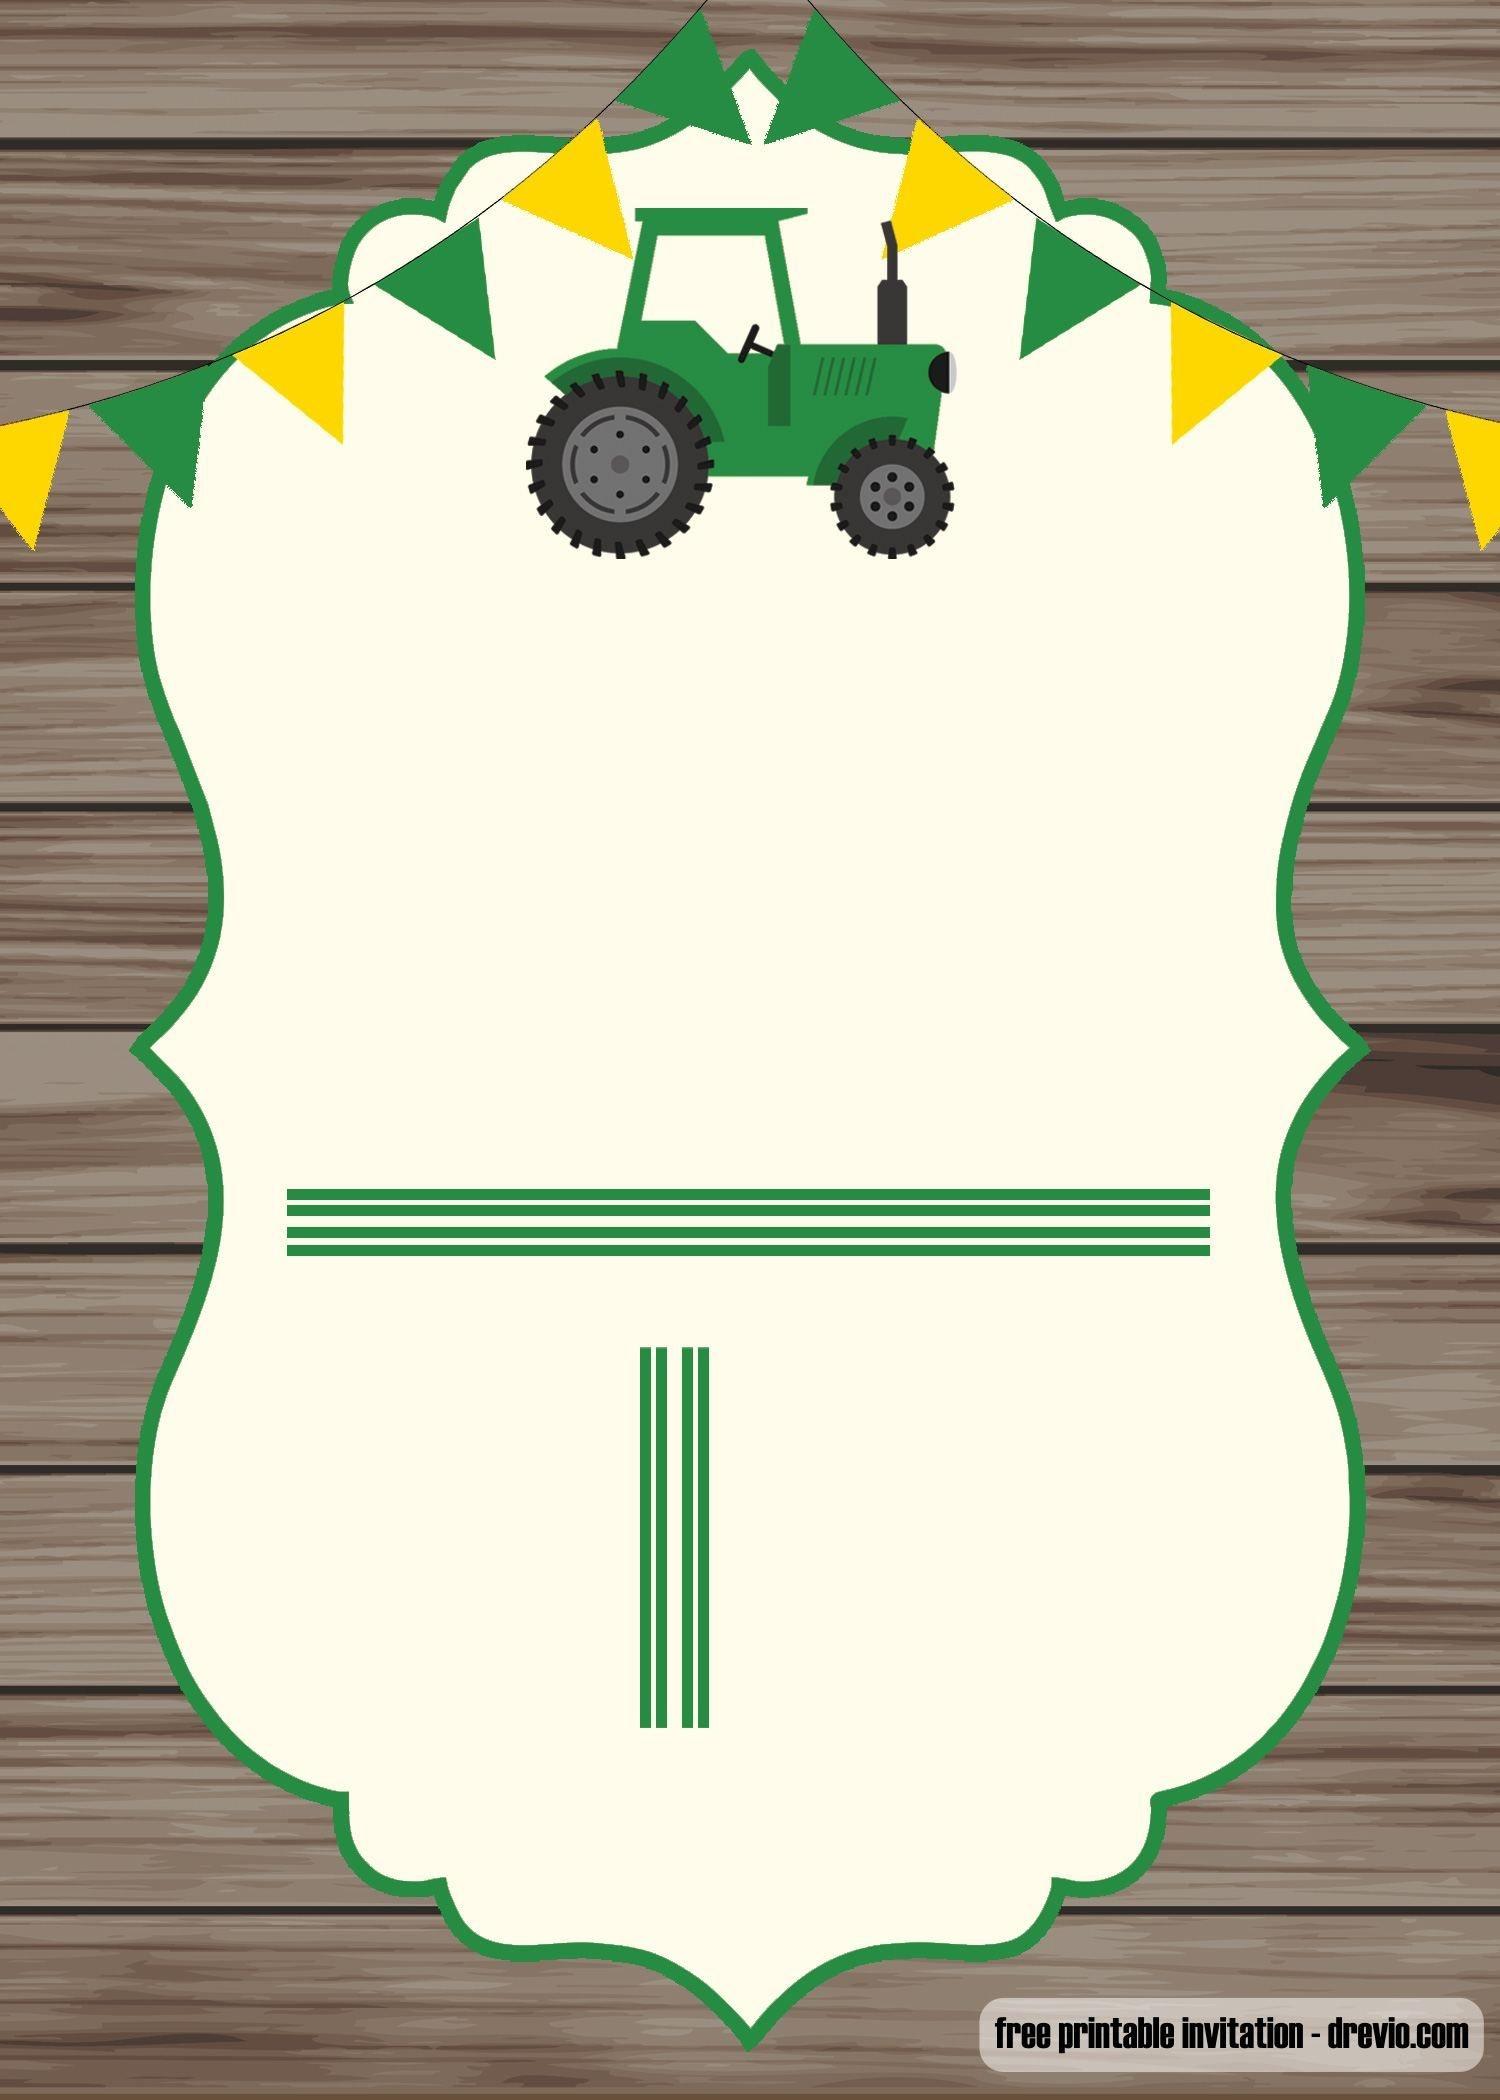 Free Printable John Deere Invitation Template | Baby 3! | Free - Free Printable John Deere Birthday Invitations